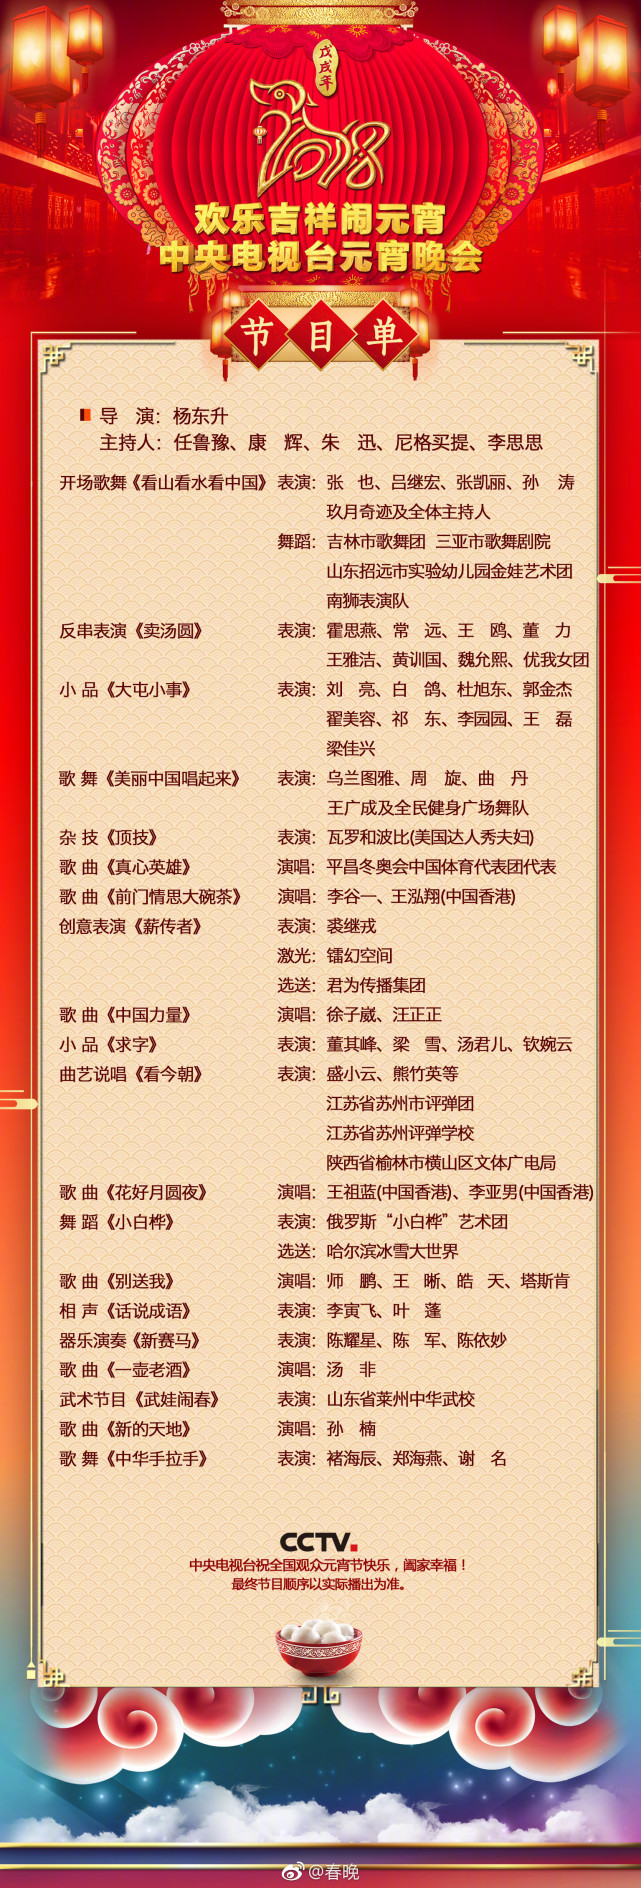 2018年央视元宵晚会节目单曝光 孙楠将献唱